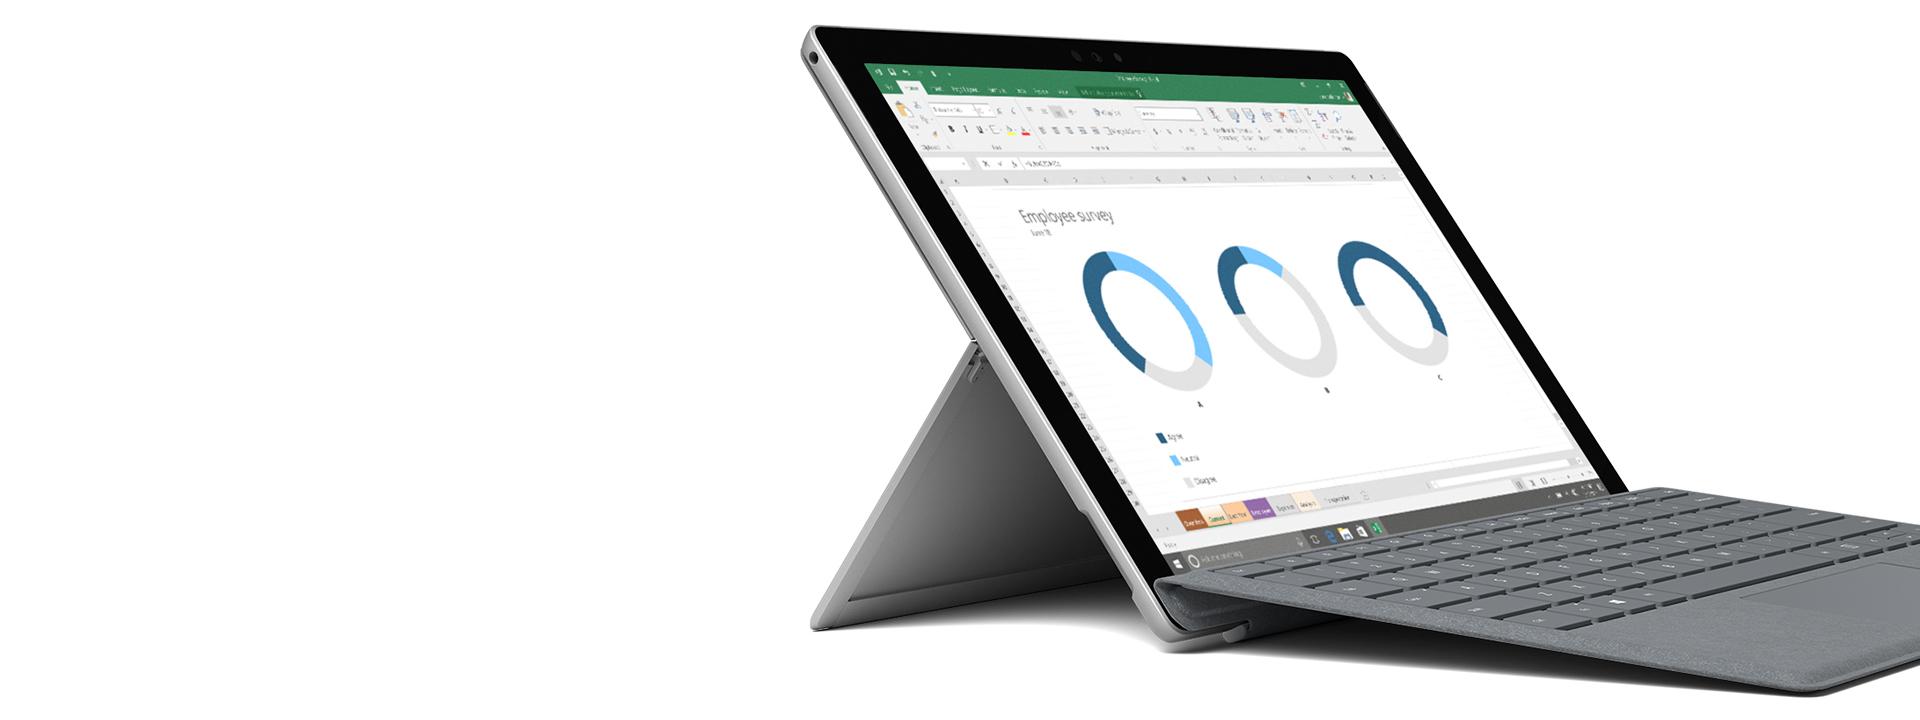 Dispositivo Surface com imagem do ecrã do Windows/Office.